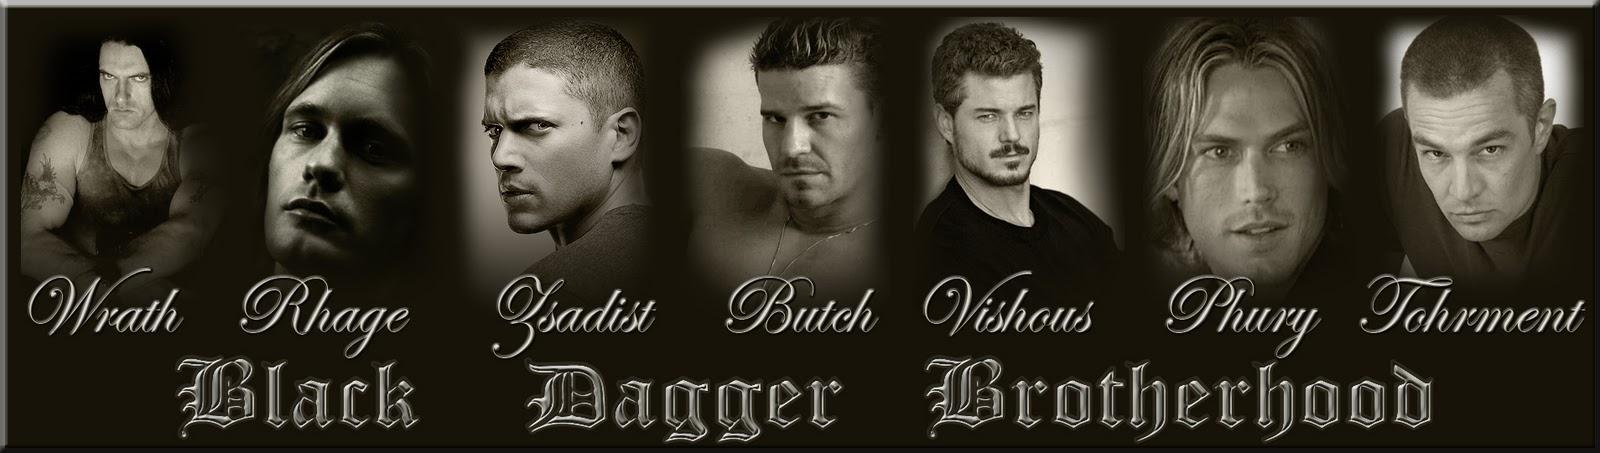 The Black Dagger Brotherhood #1-15: Book Series by J.R. Ward (Mass Market PB)